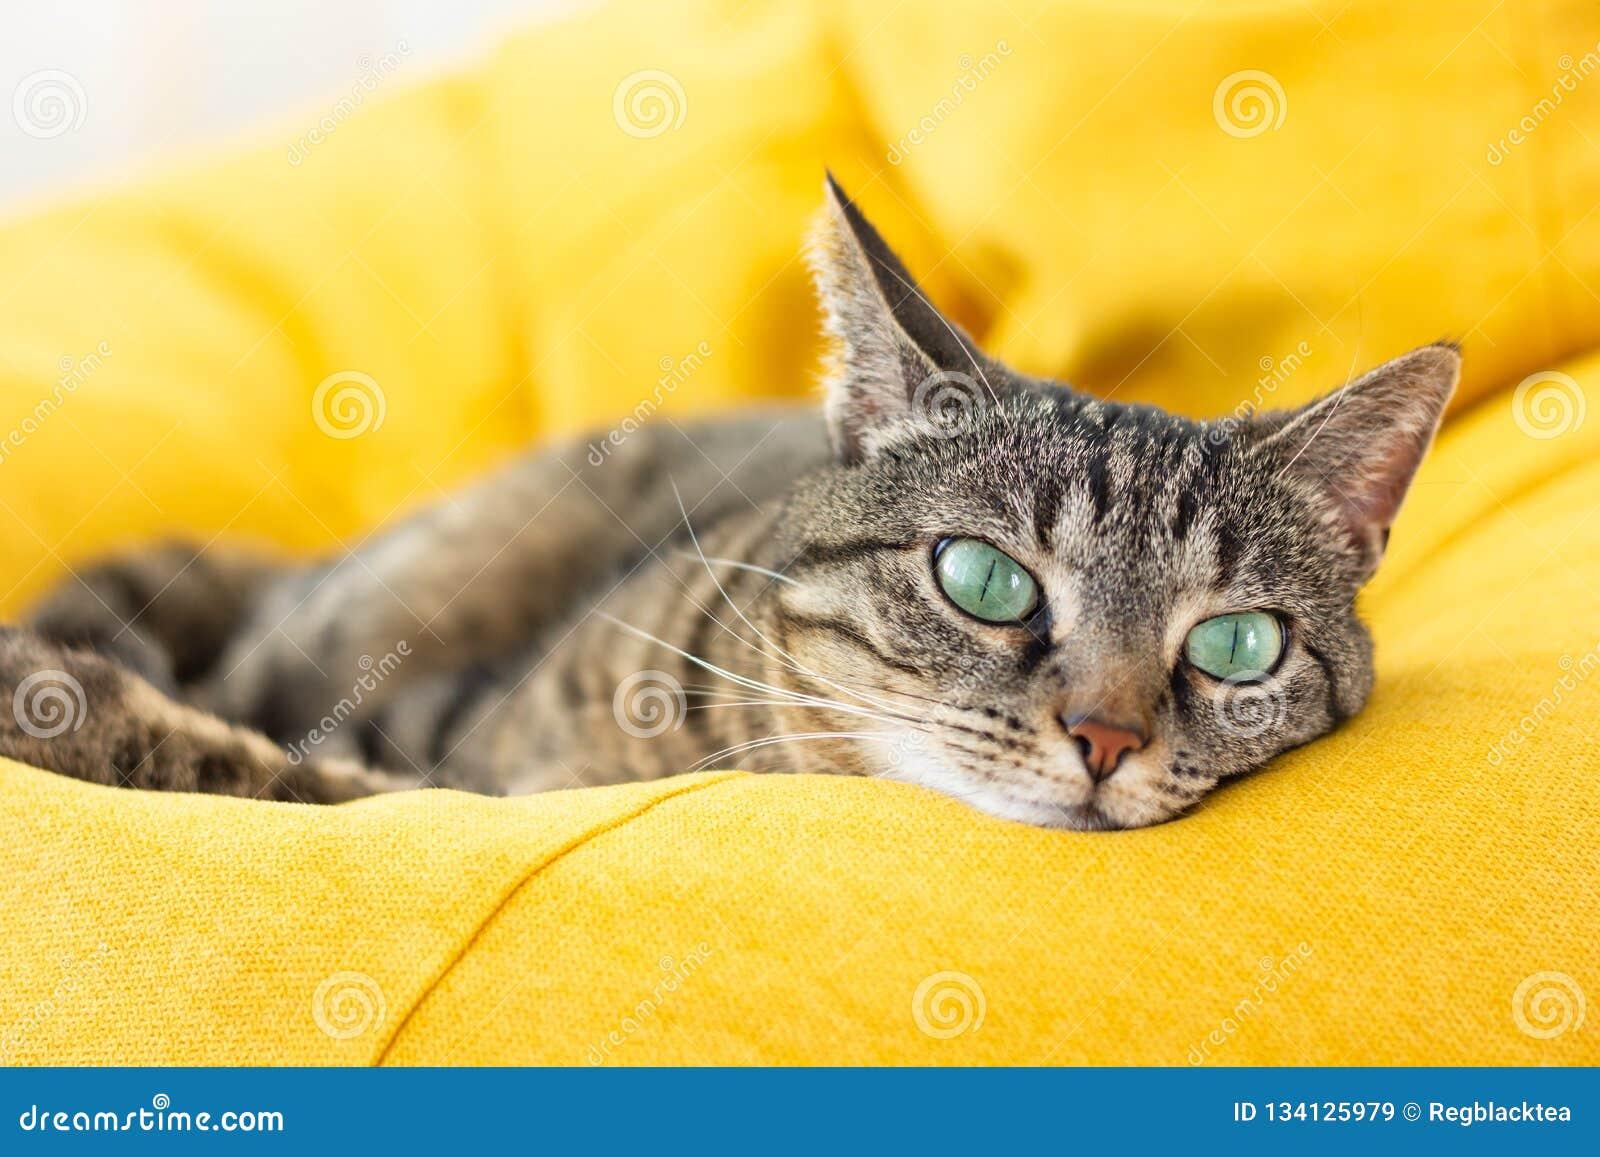 Η χαριτωμένη τιγρέ γάτα με τα πράσινα μάτια βρίσκεται στην κίτρινη τσάντα φασολιών